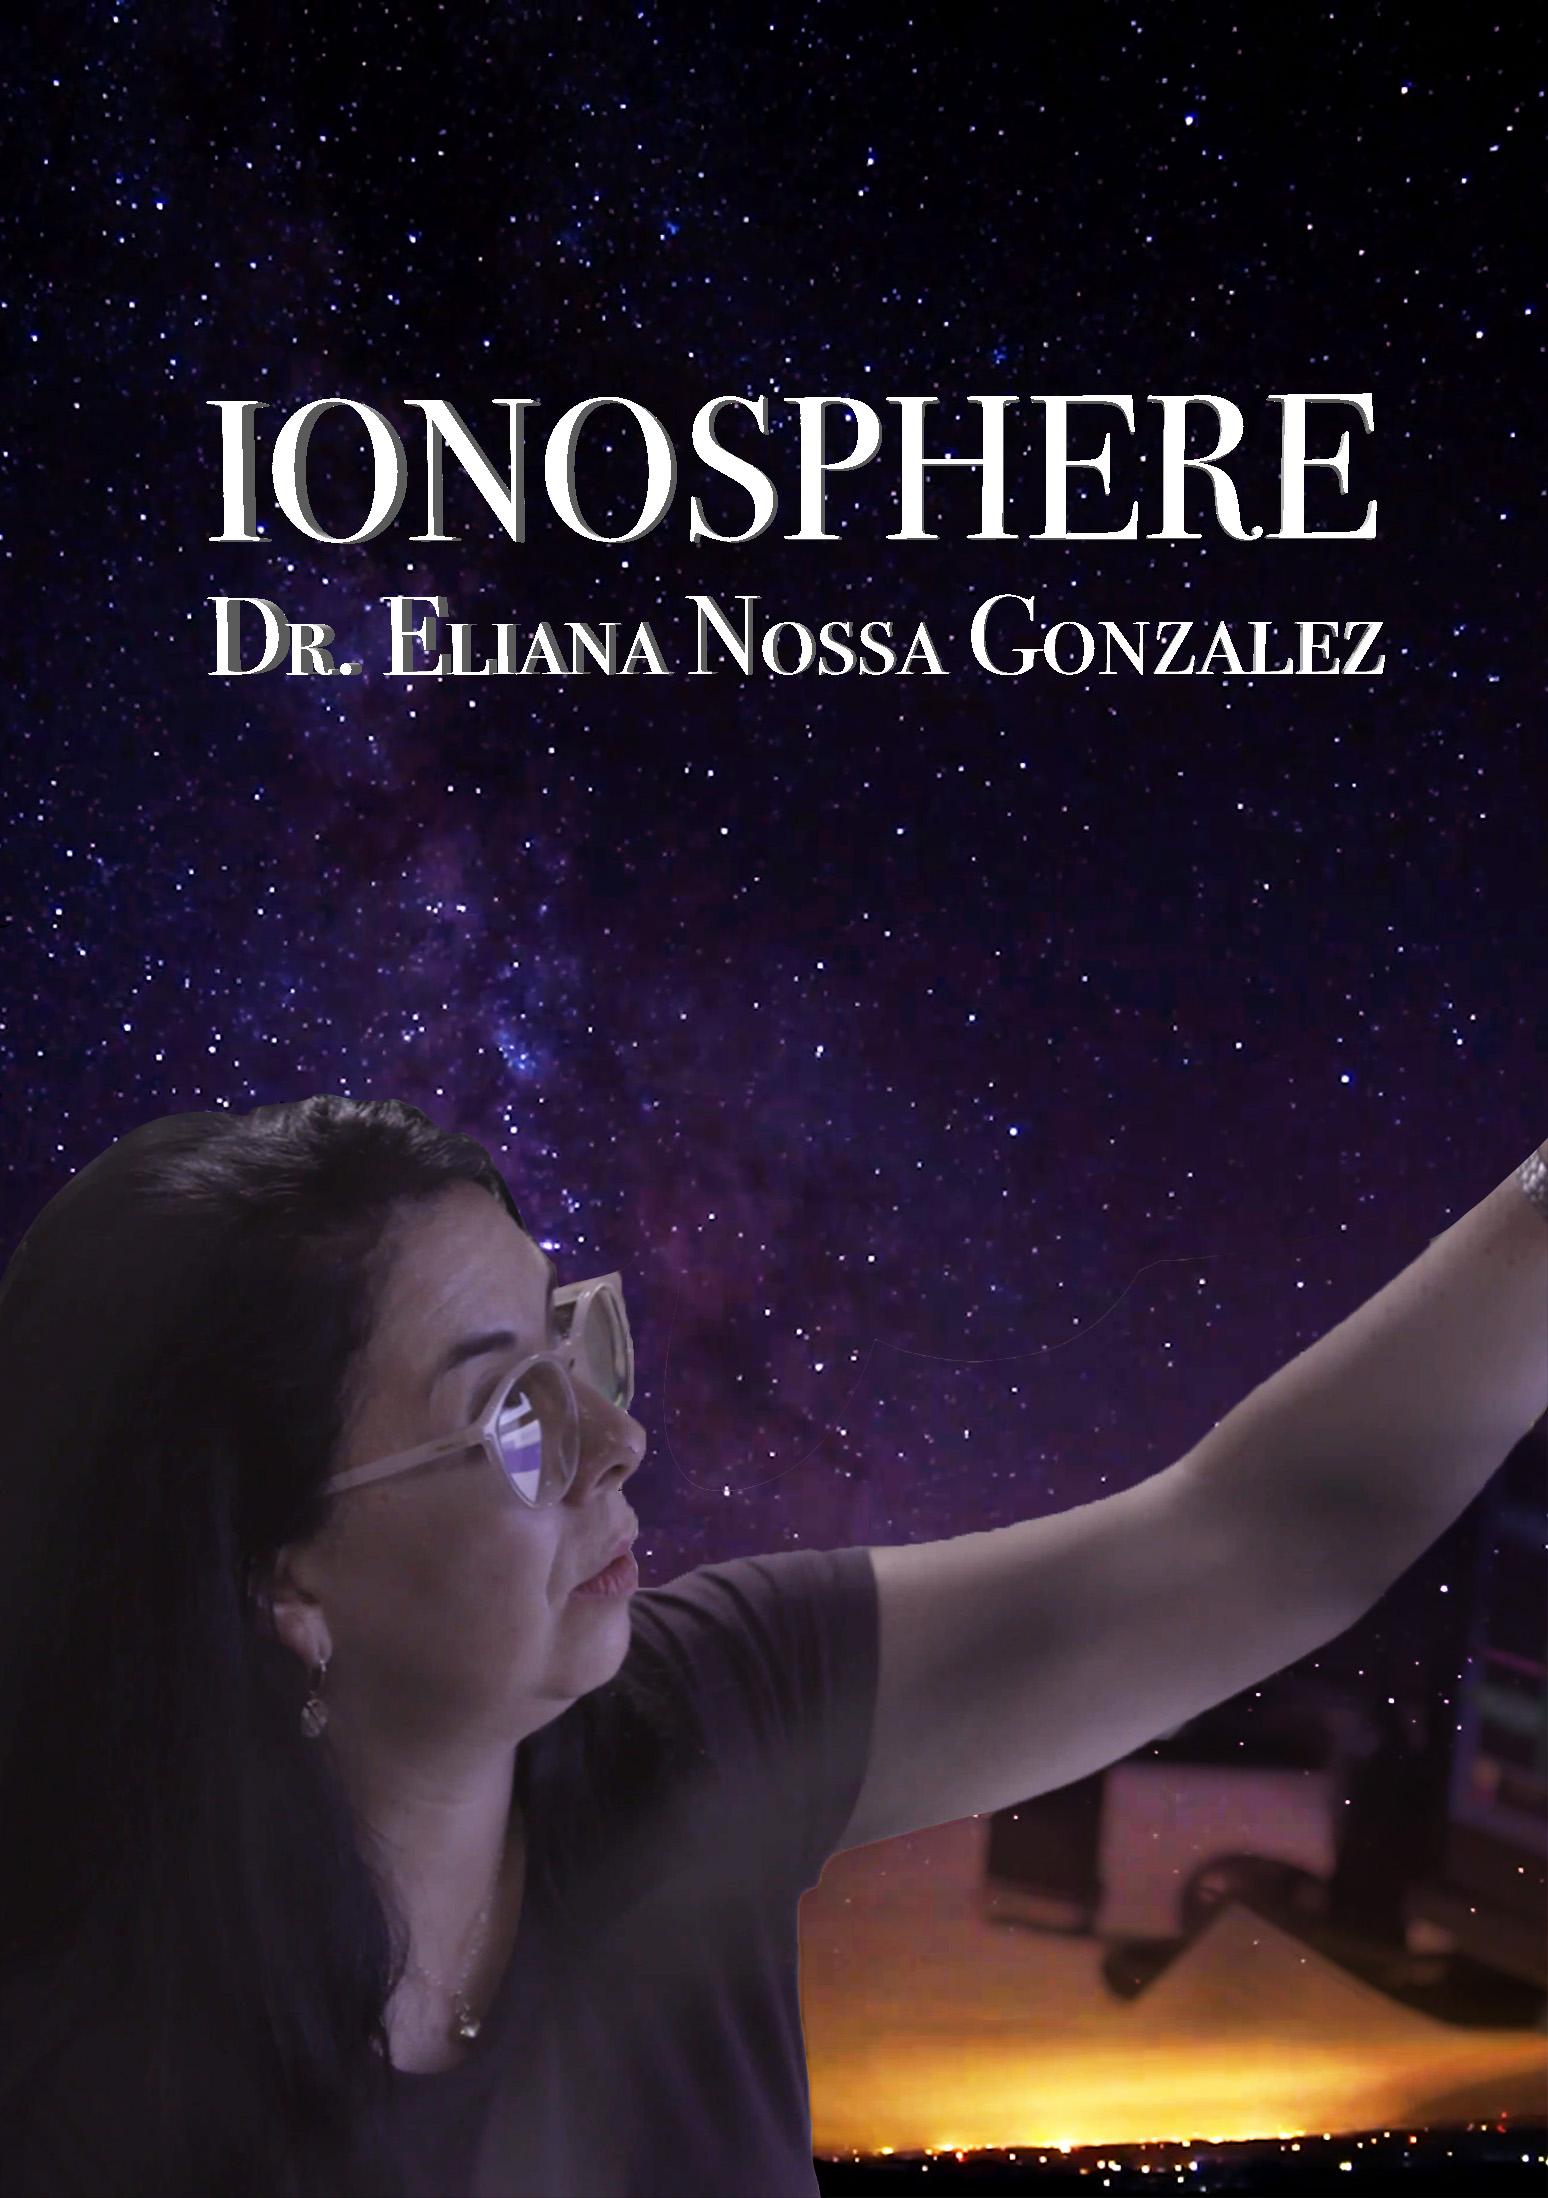 Ionosphere_Nossa_vertical